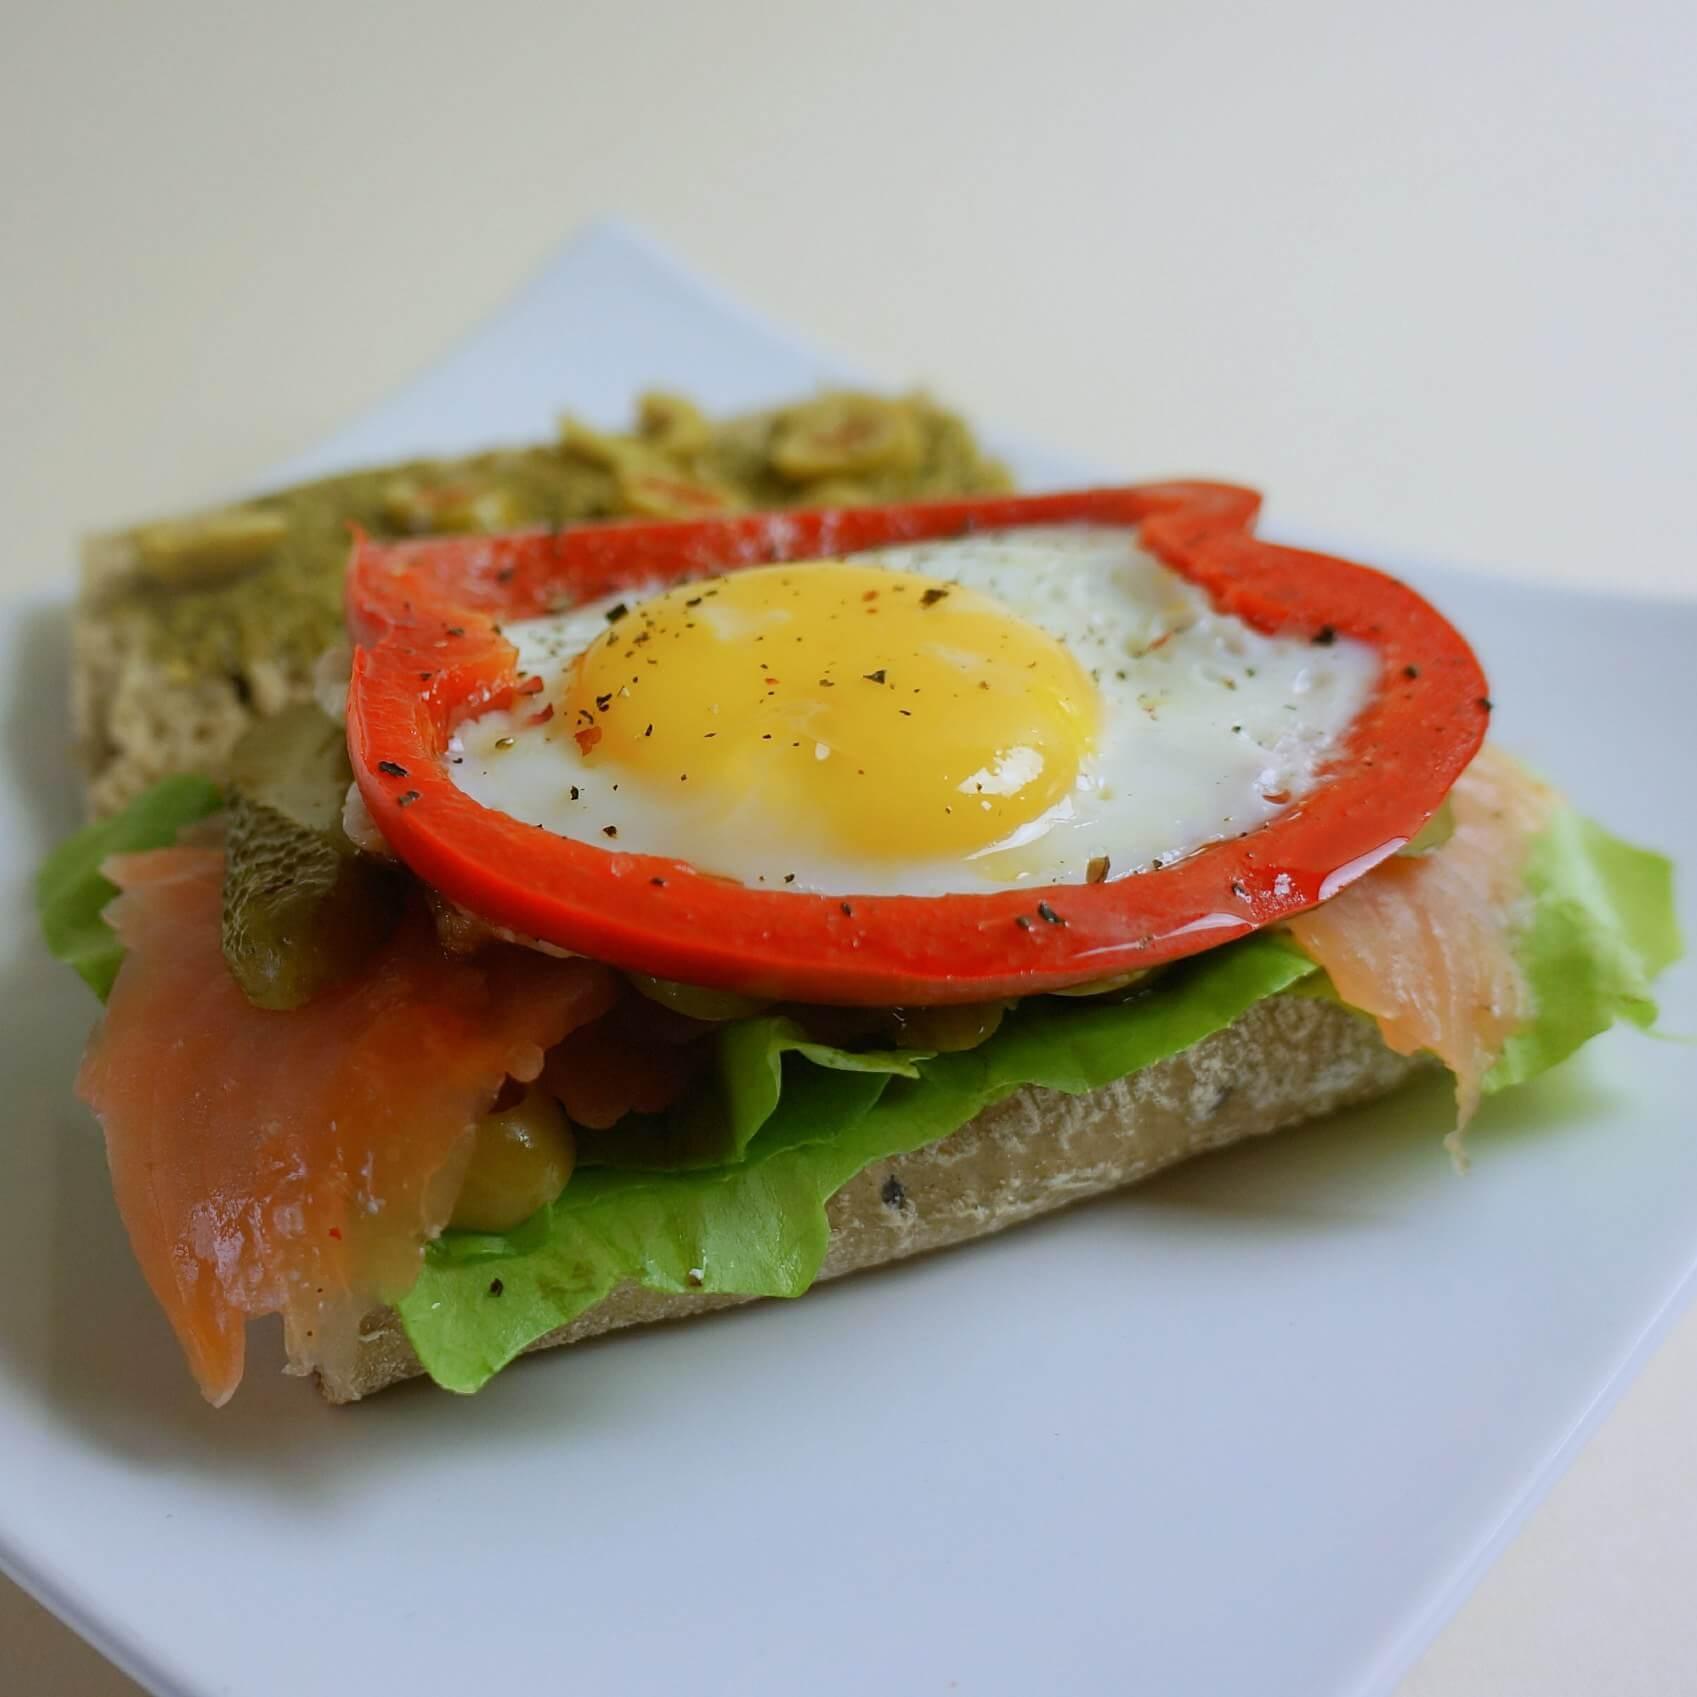 Pan łosoś z jajkiem, oliwkami i ogórkiem na połowie bagietki lekko posmarowanej bazyliowym pesto.